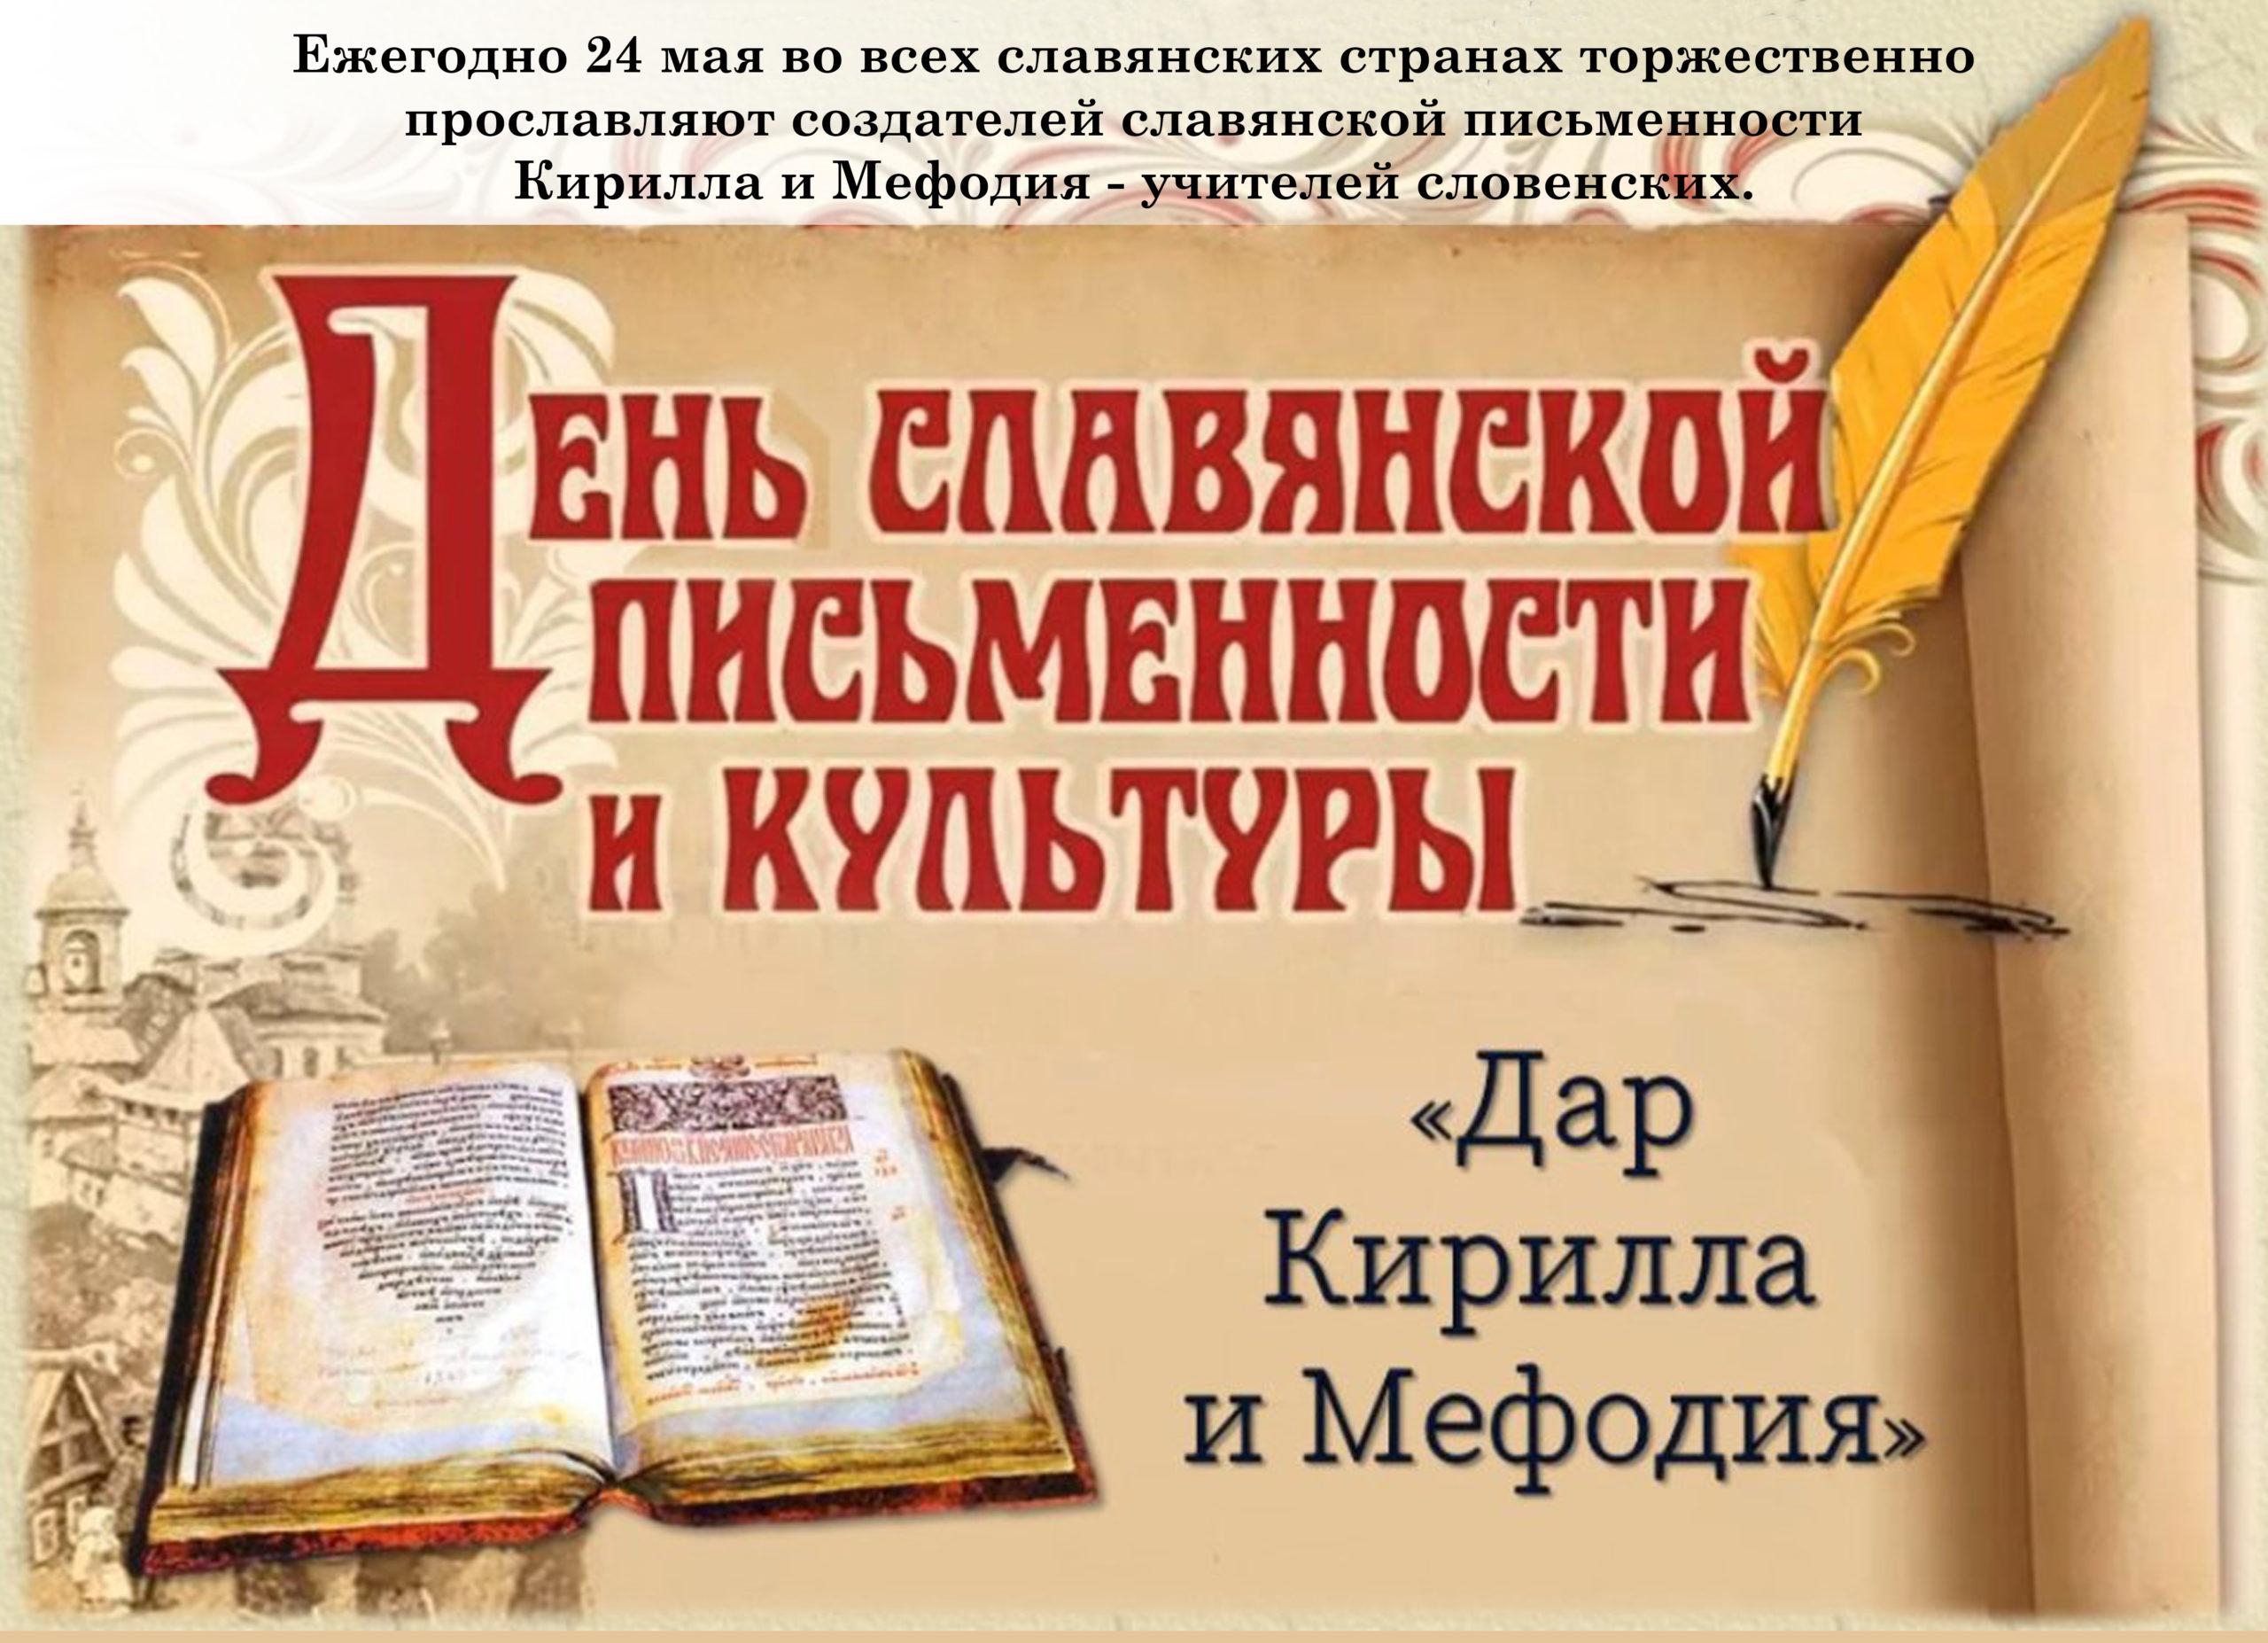 _Афиша День славянской письменности